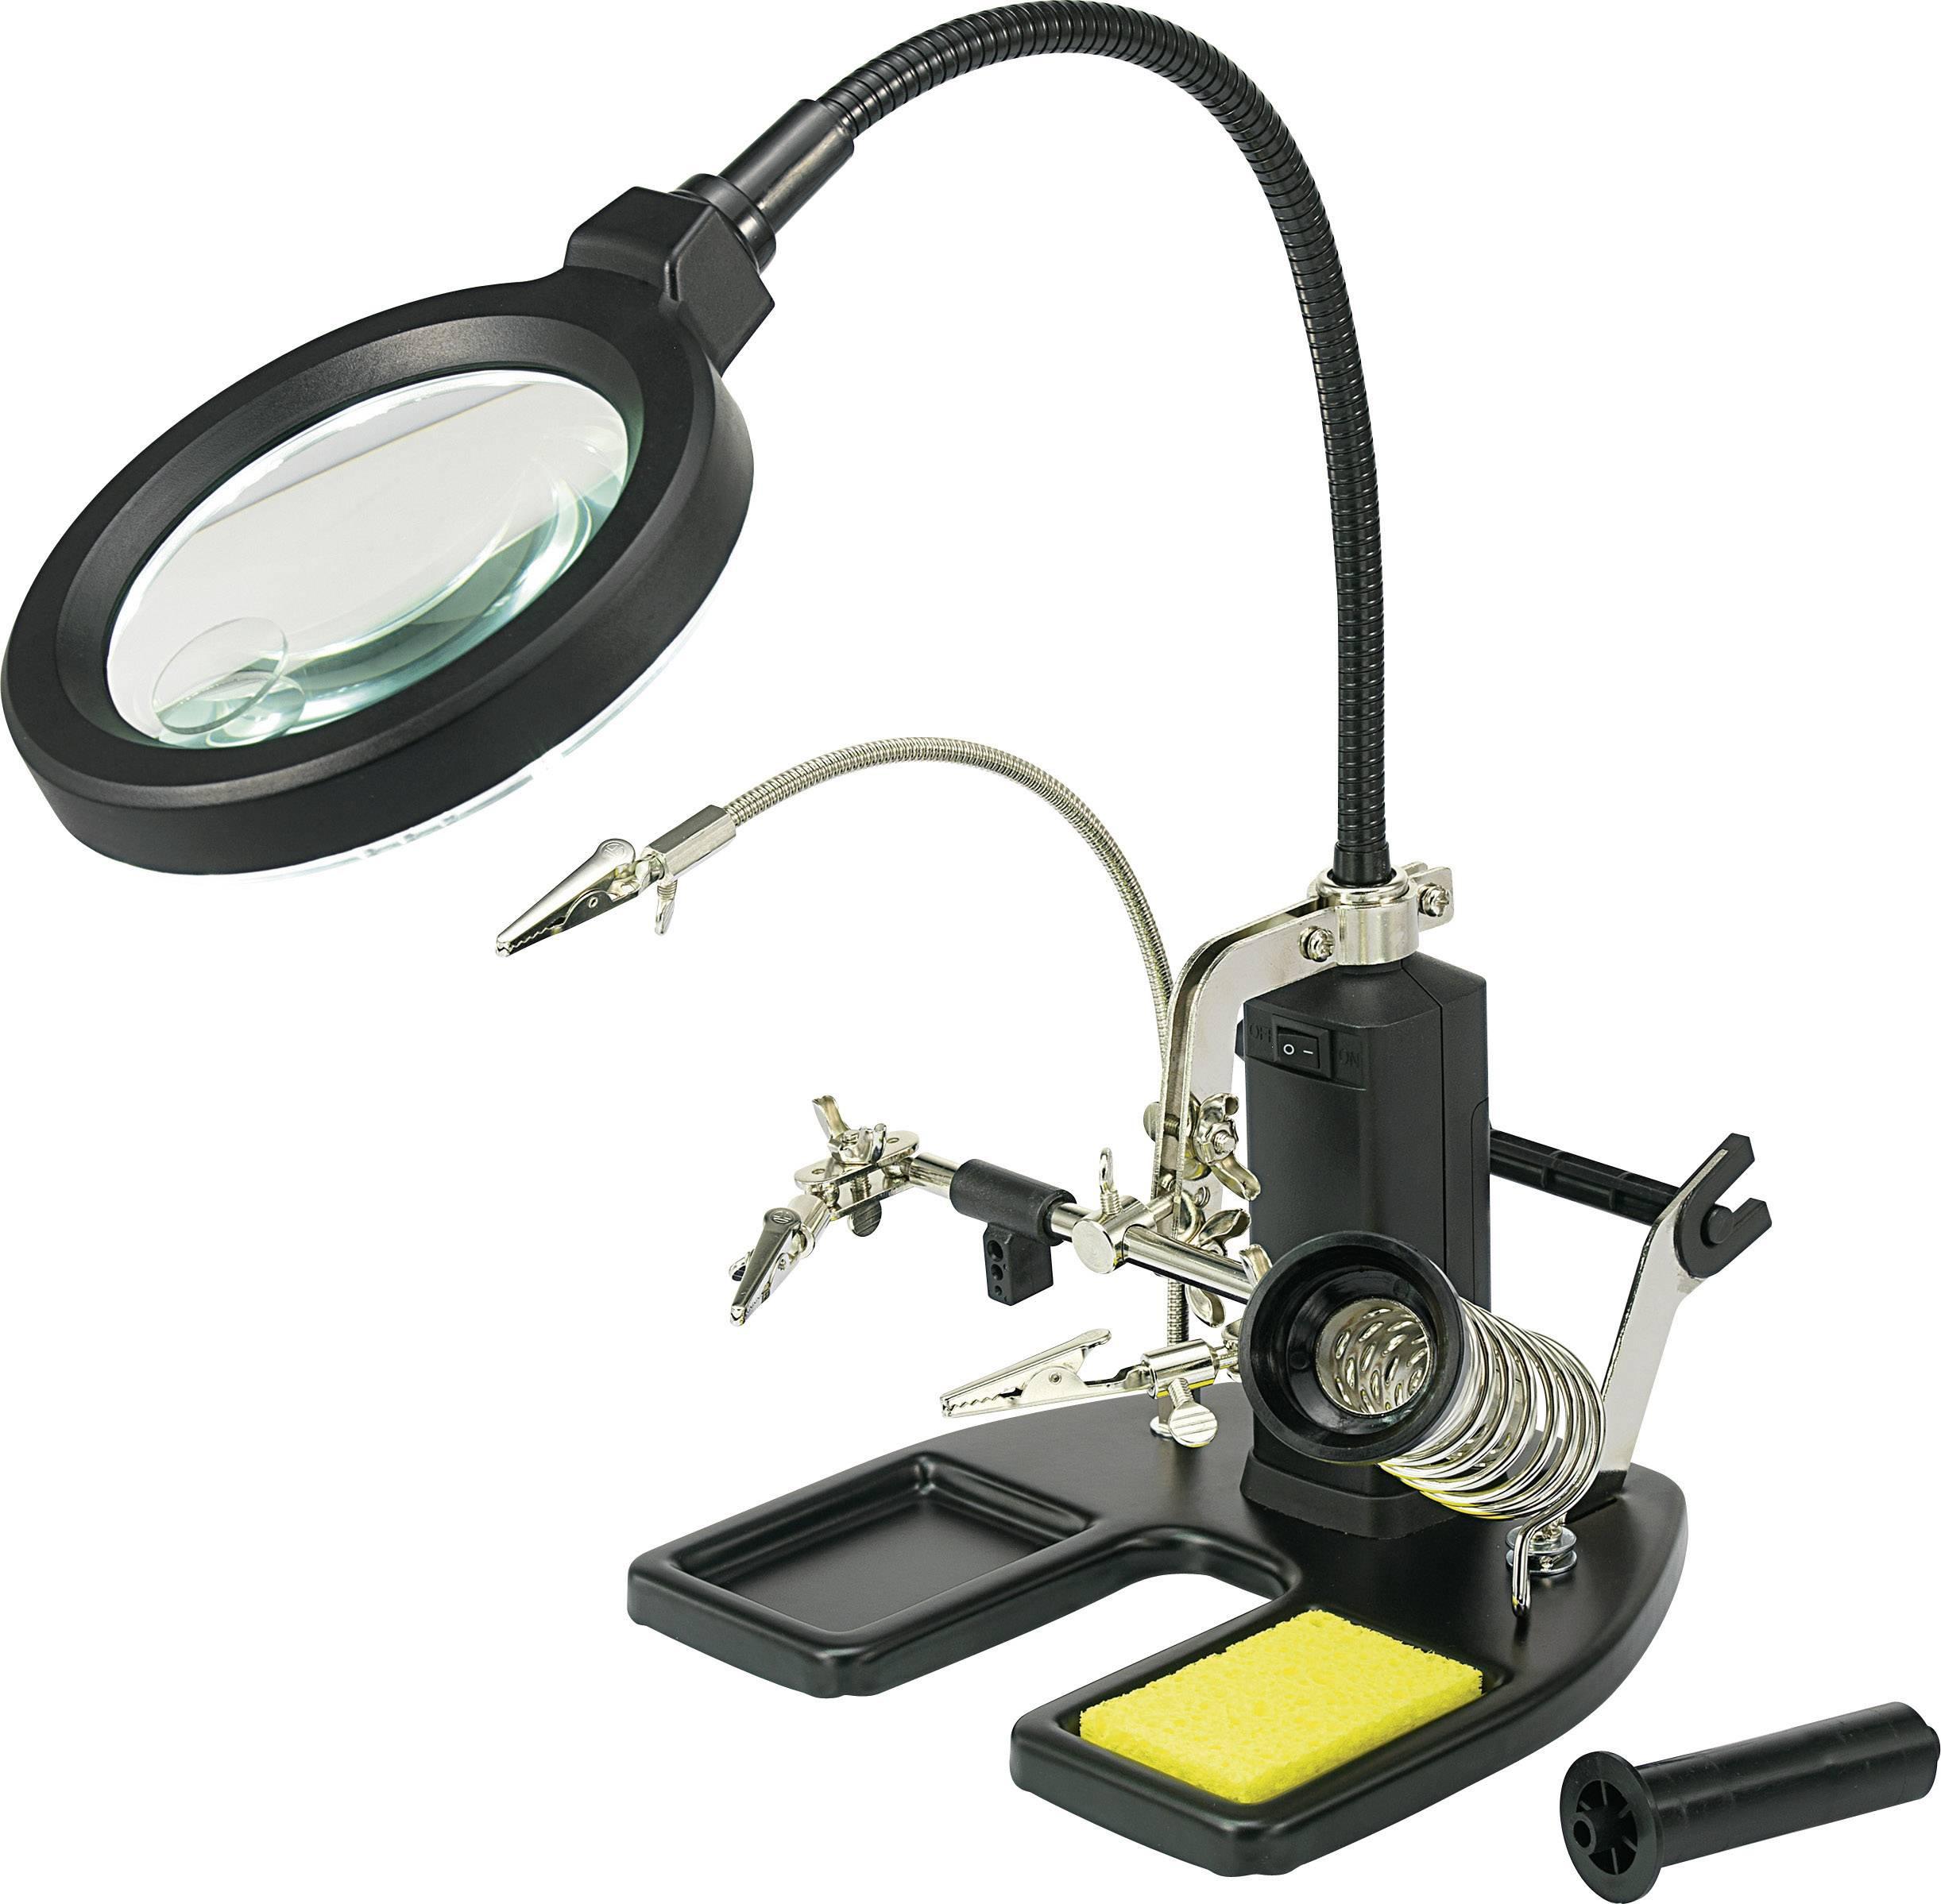 TOOLCRAFT LED lampe med forstørrelsesglas og tredje hånd